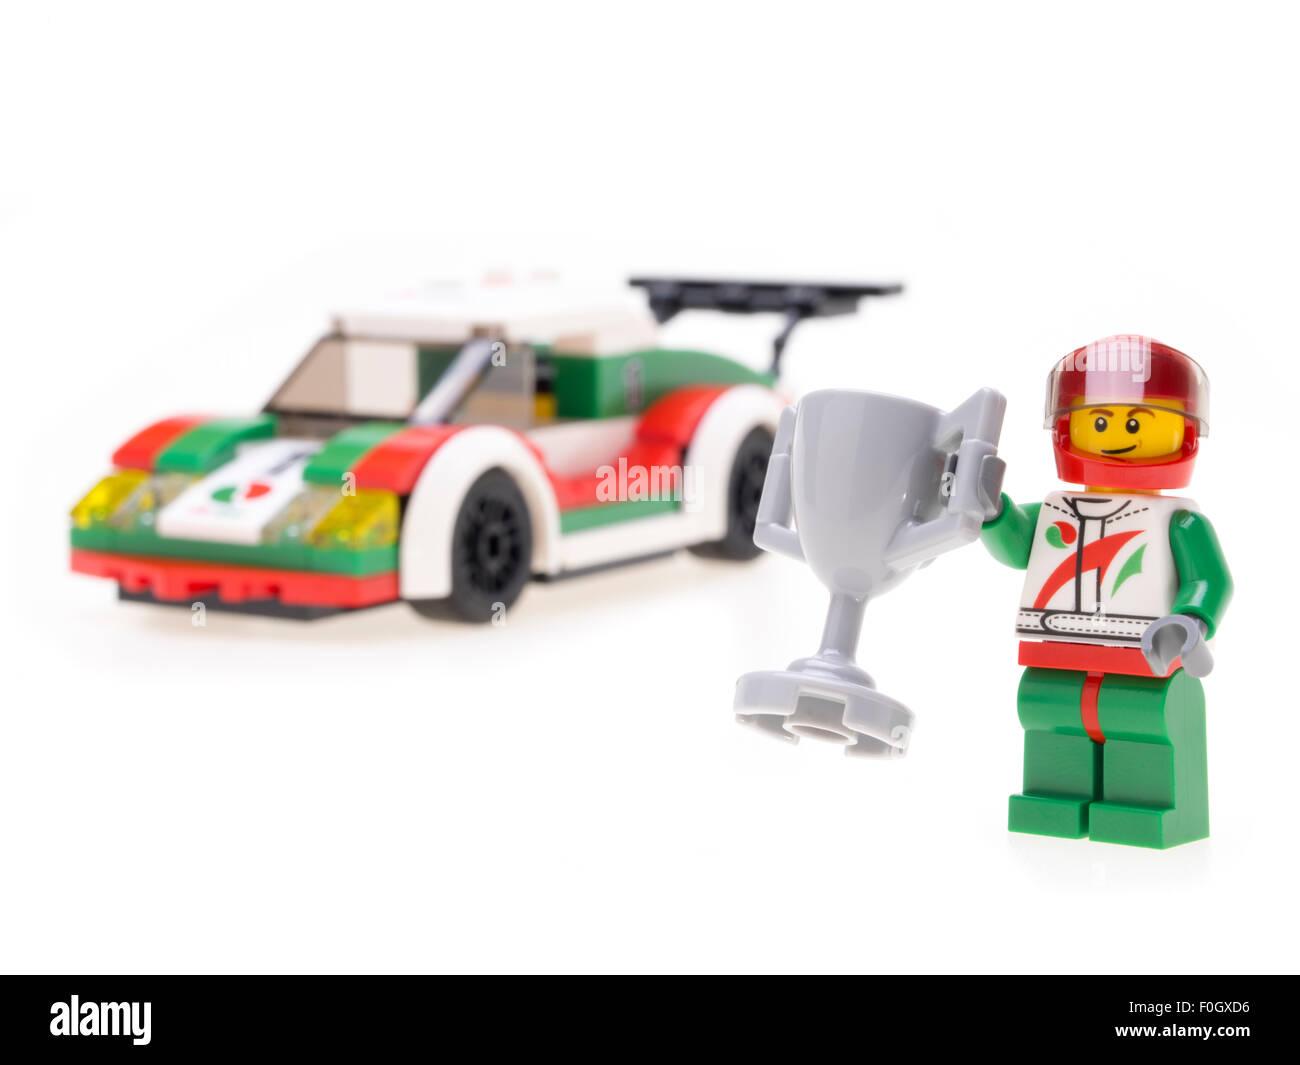 Produite De Jouet Enfants Qdocrxbew Voiture Lego Courseun Pour Par 7gb6yYf